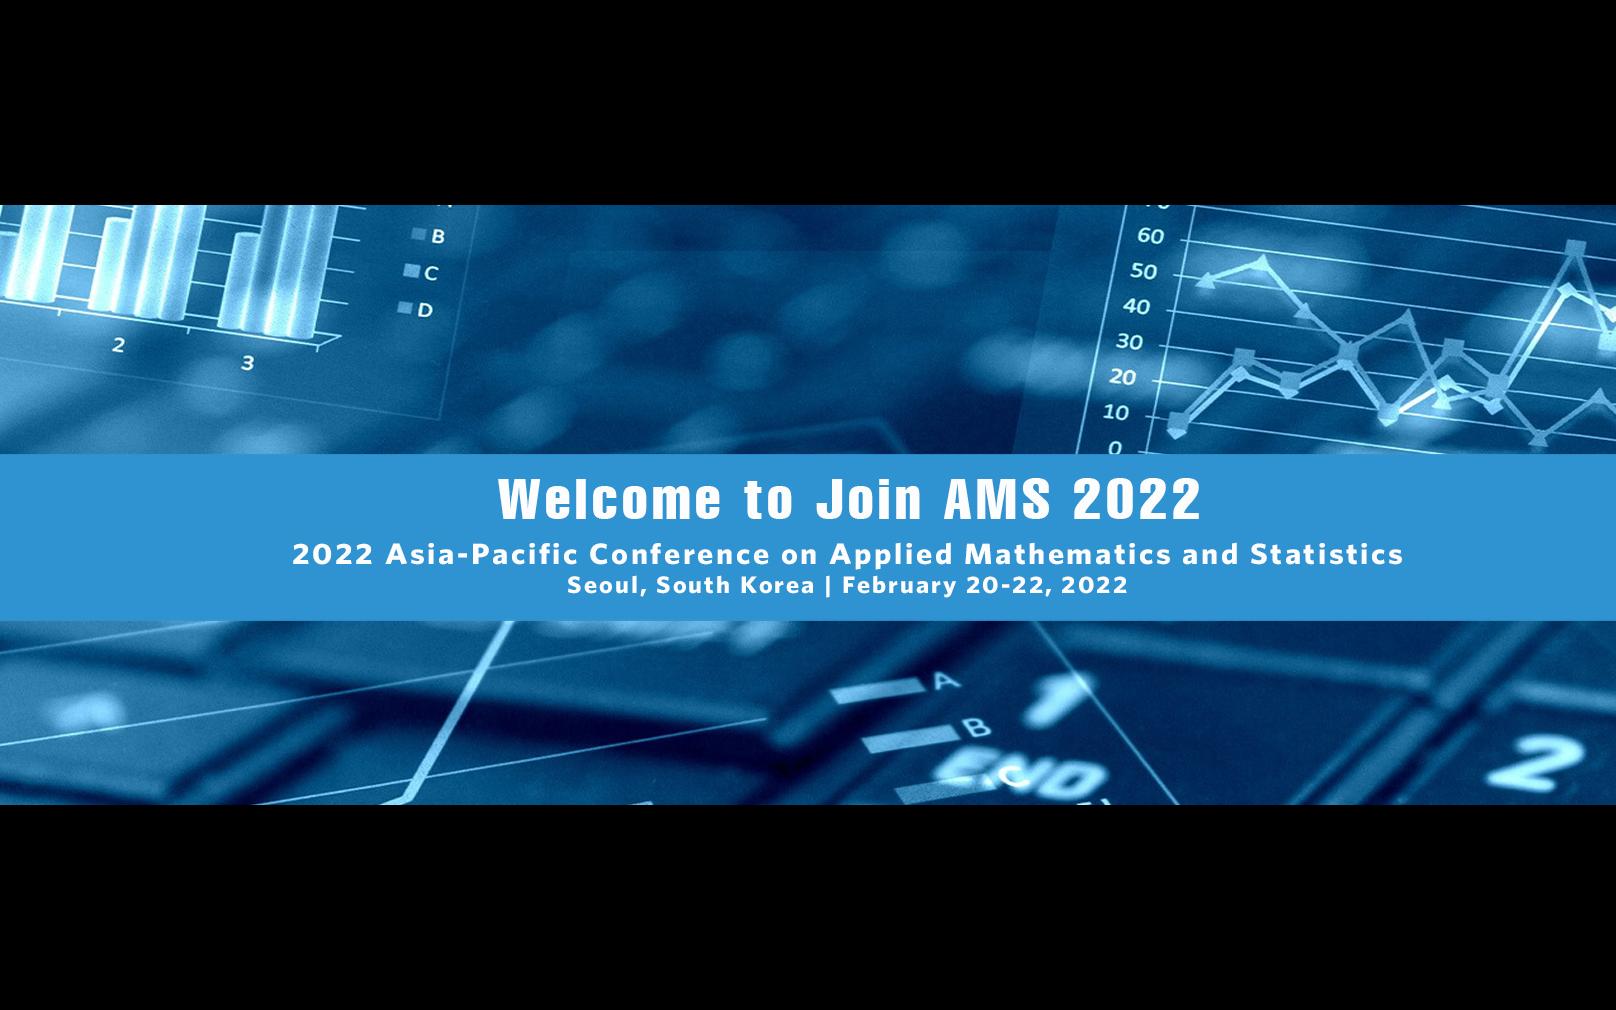 2022年第五届亚太应用数学与统计学国际会议(AMS 2022)EI检索